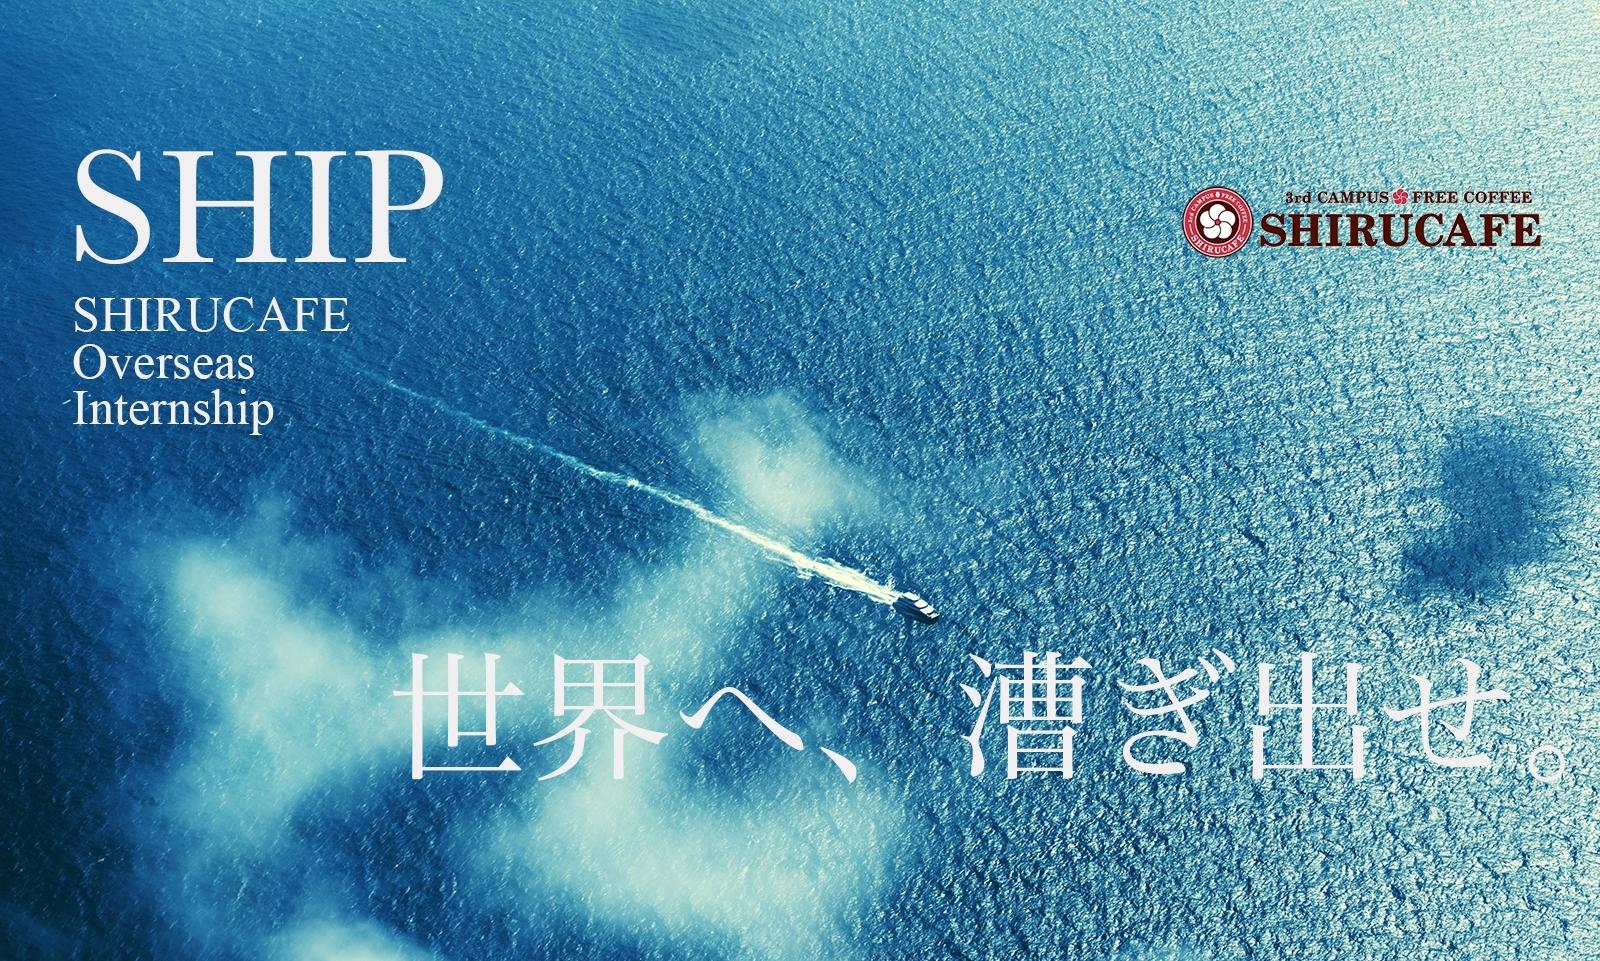 超好待遇海外インターン 「SHIP」インドから開始!